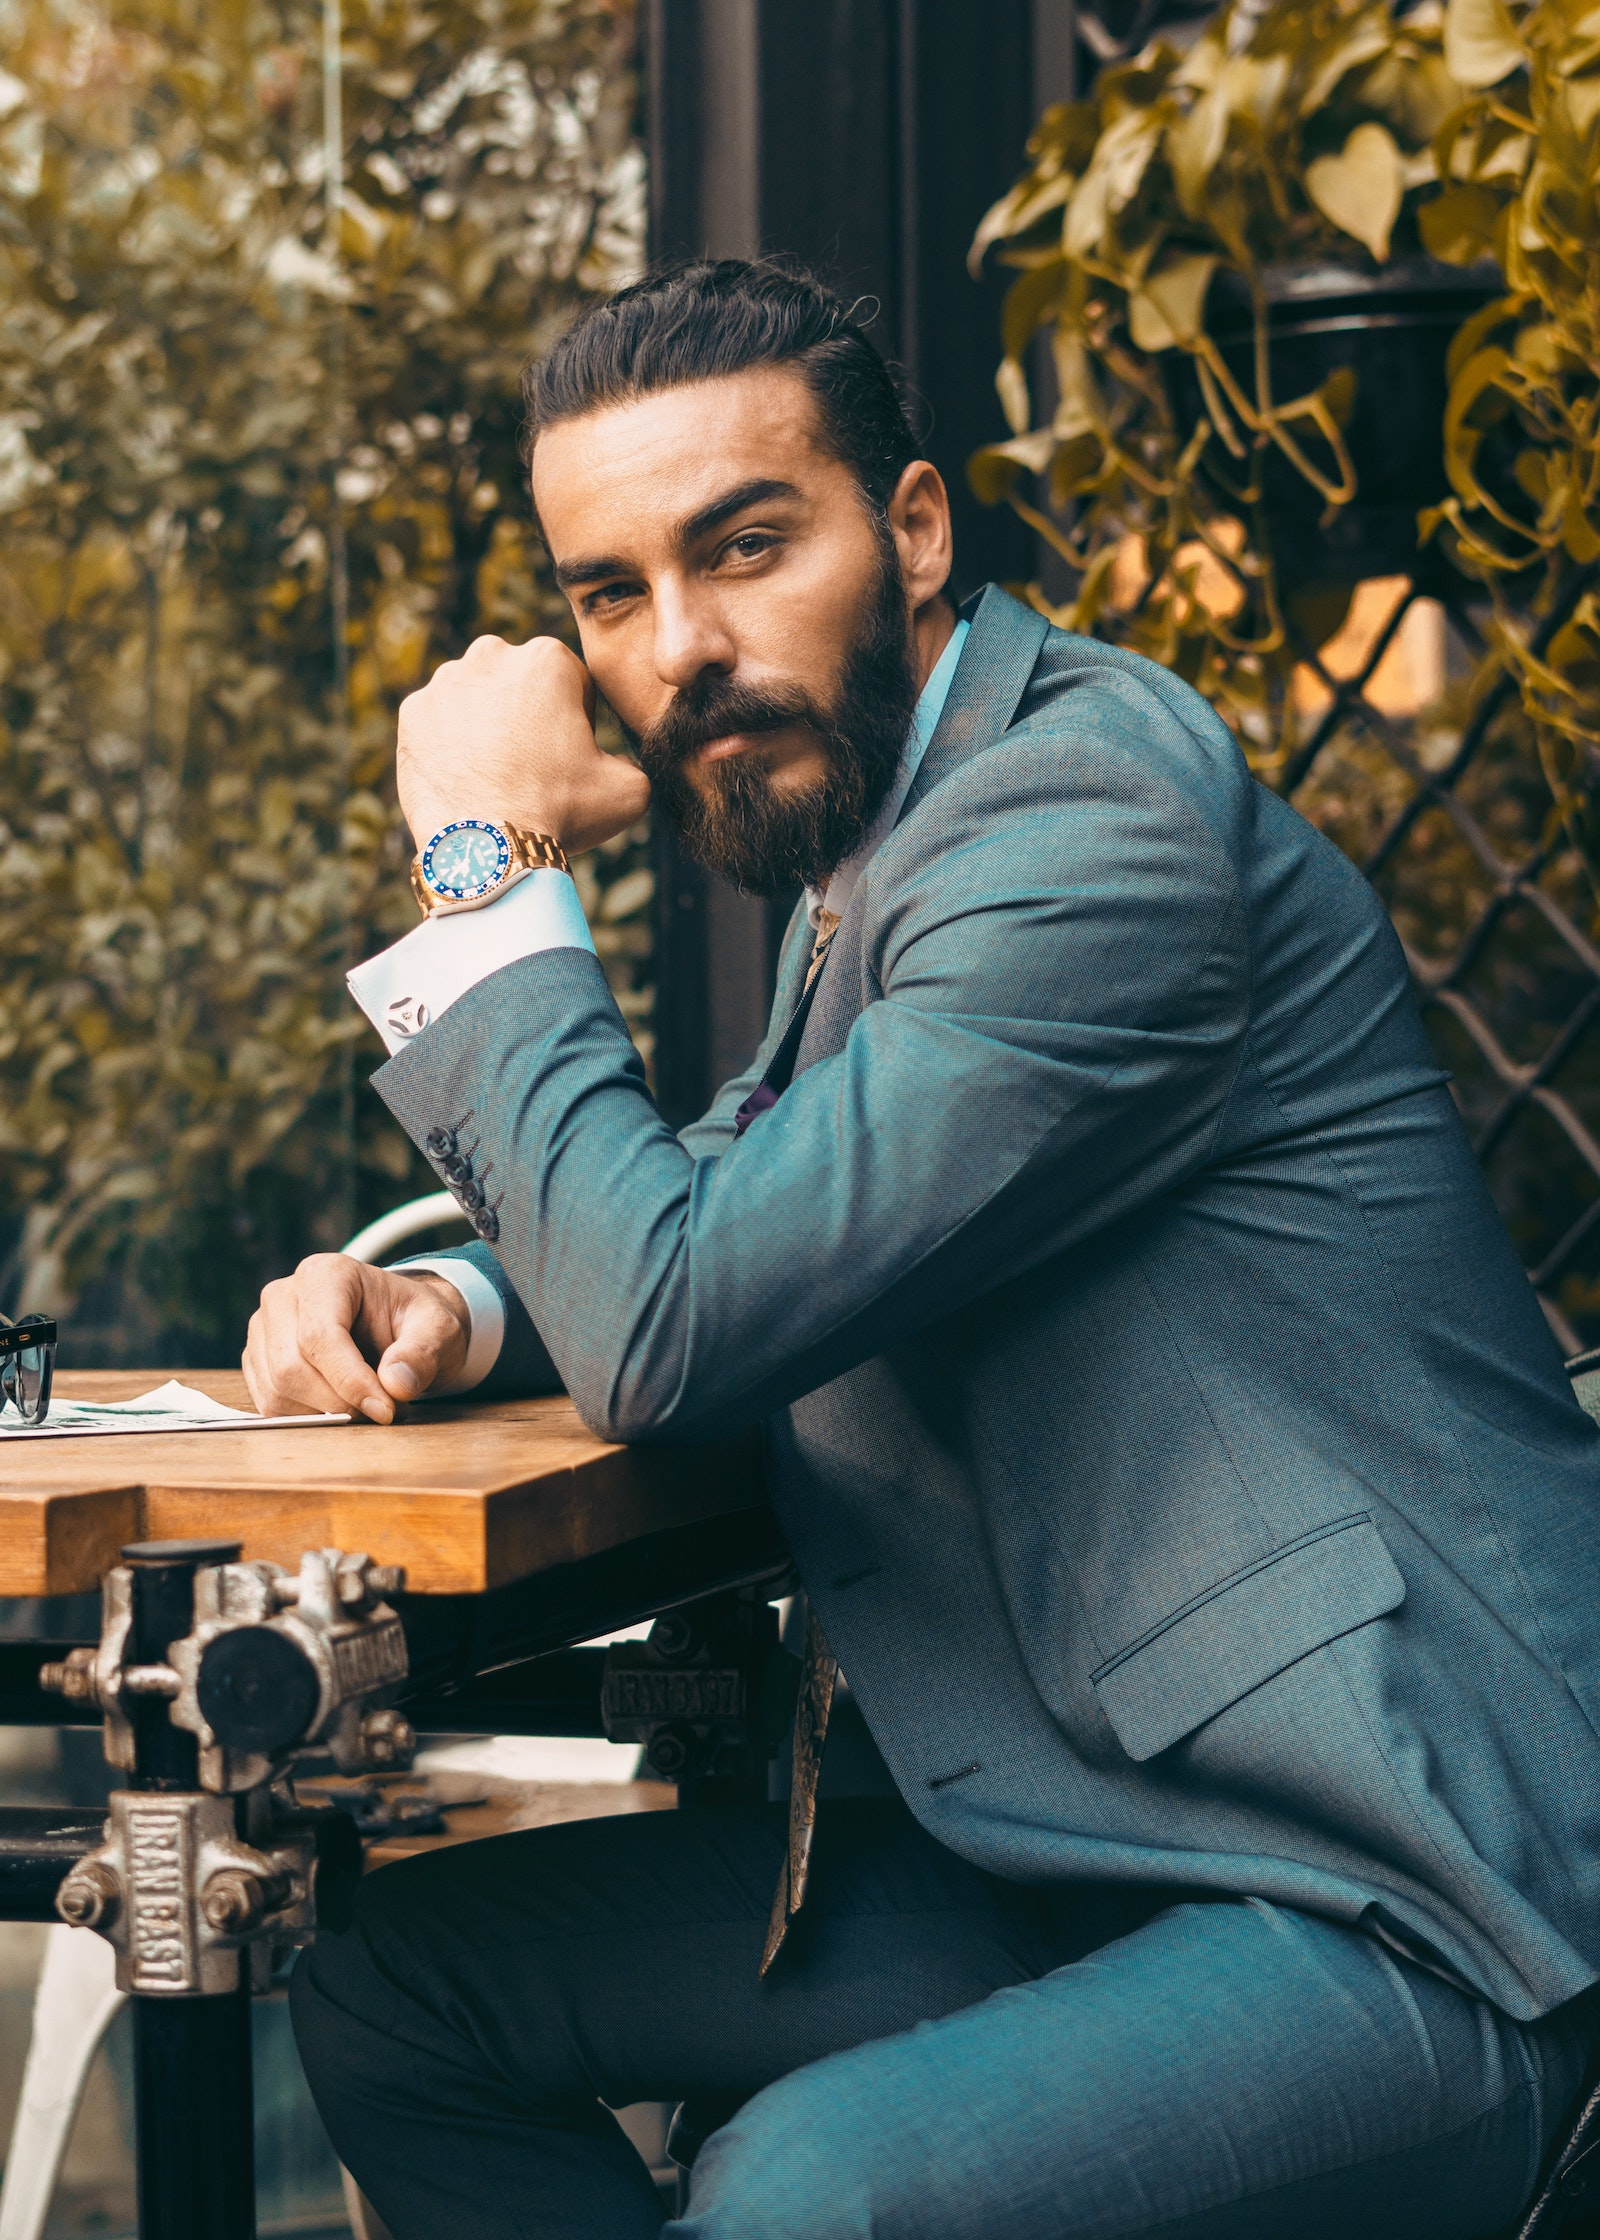 zegarek męski do garnituru, zegarki męskie, męski zegarek do garnituru, garniturowy zegarek